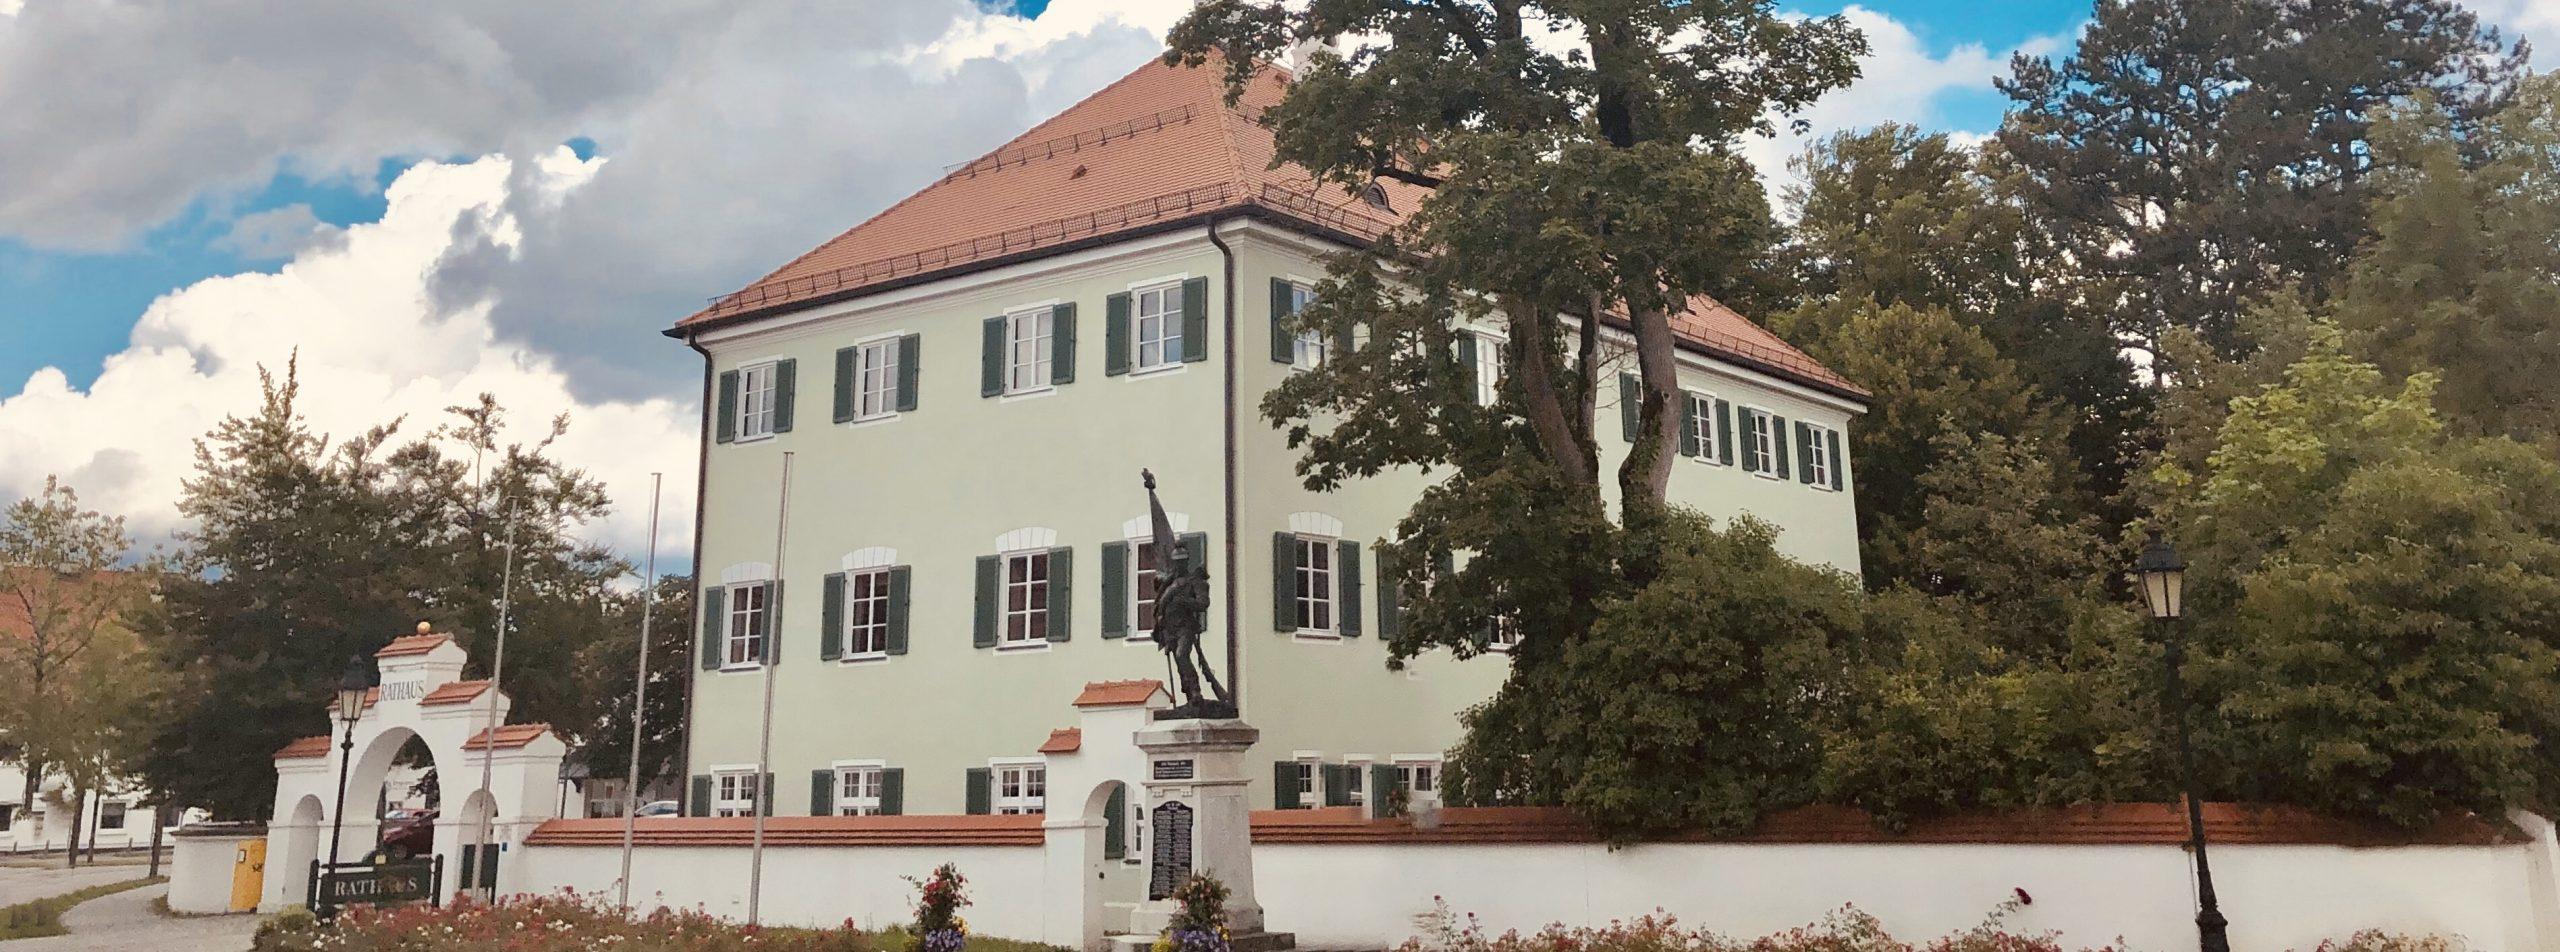 Freie Wähler Windach - Rathaus